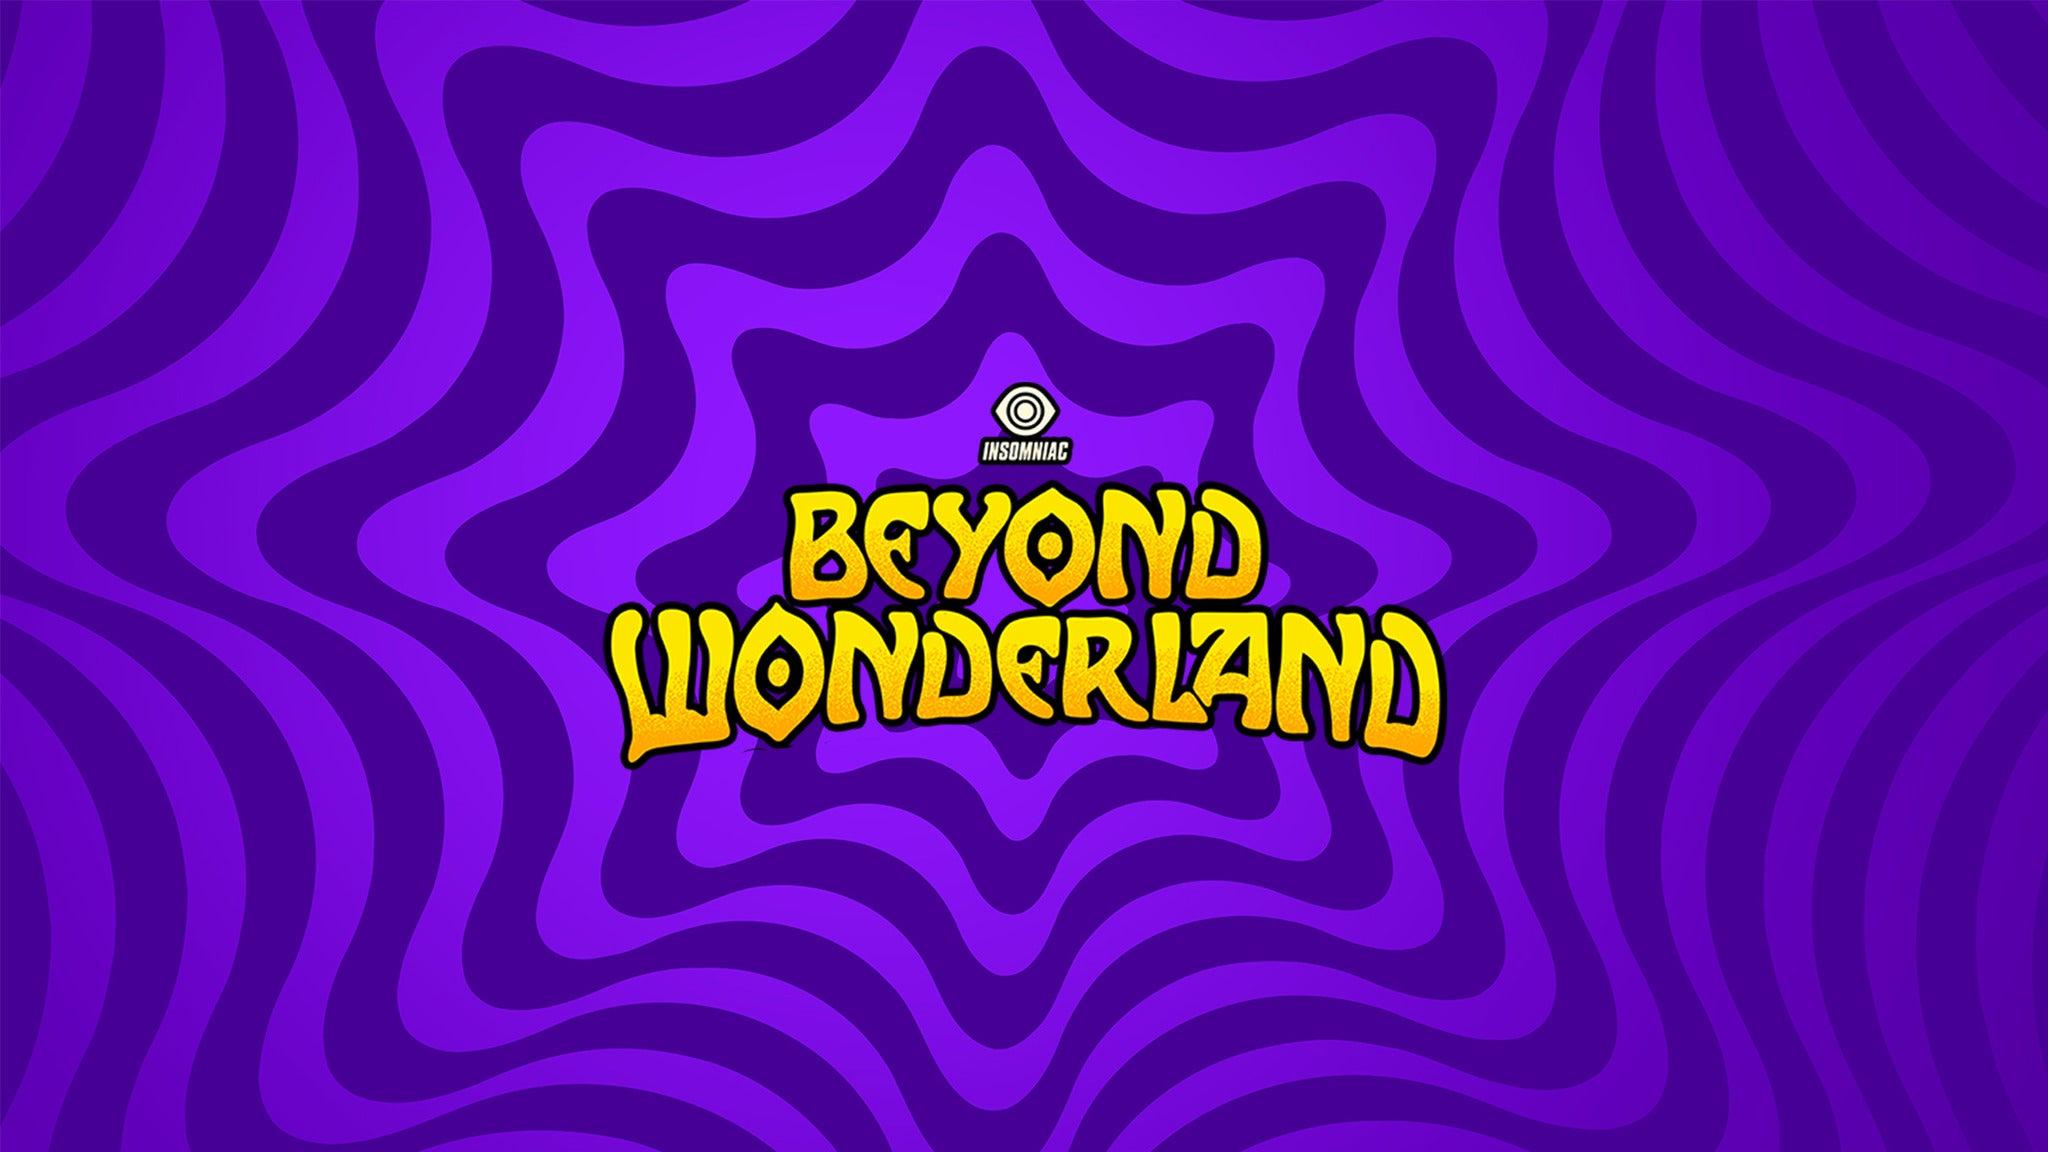 Beyond Wonderland Tickets, 2020-2021 Concert Tour Dates ...